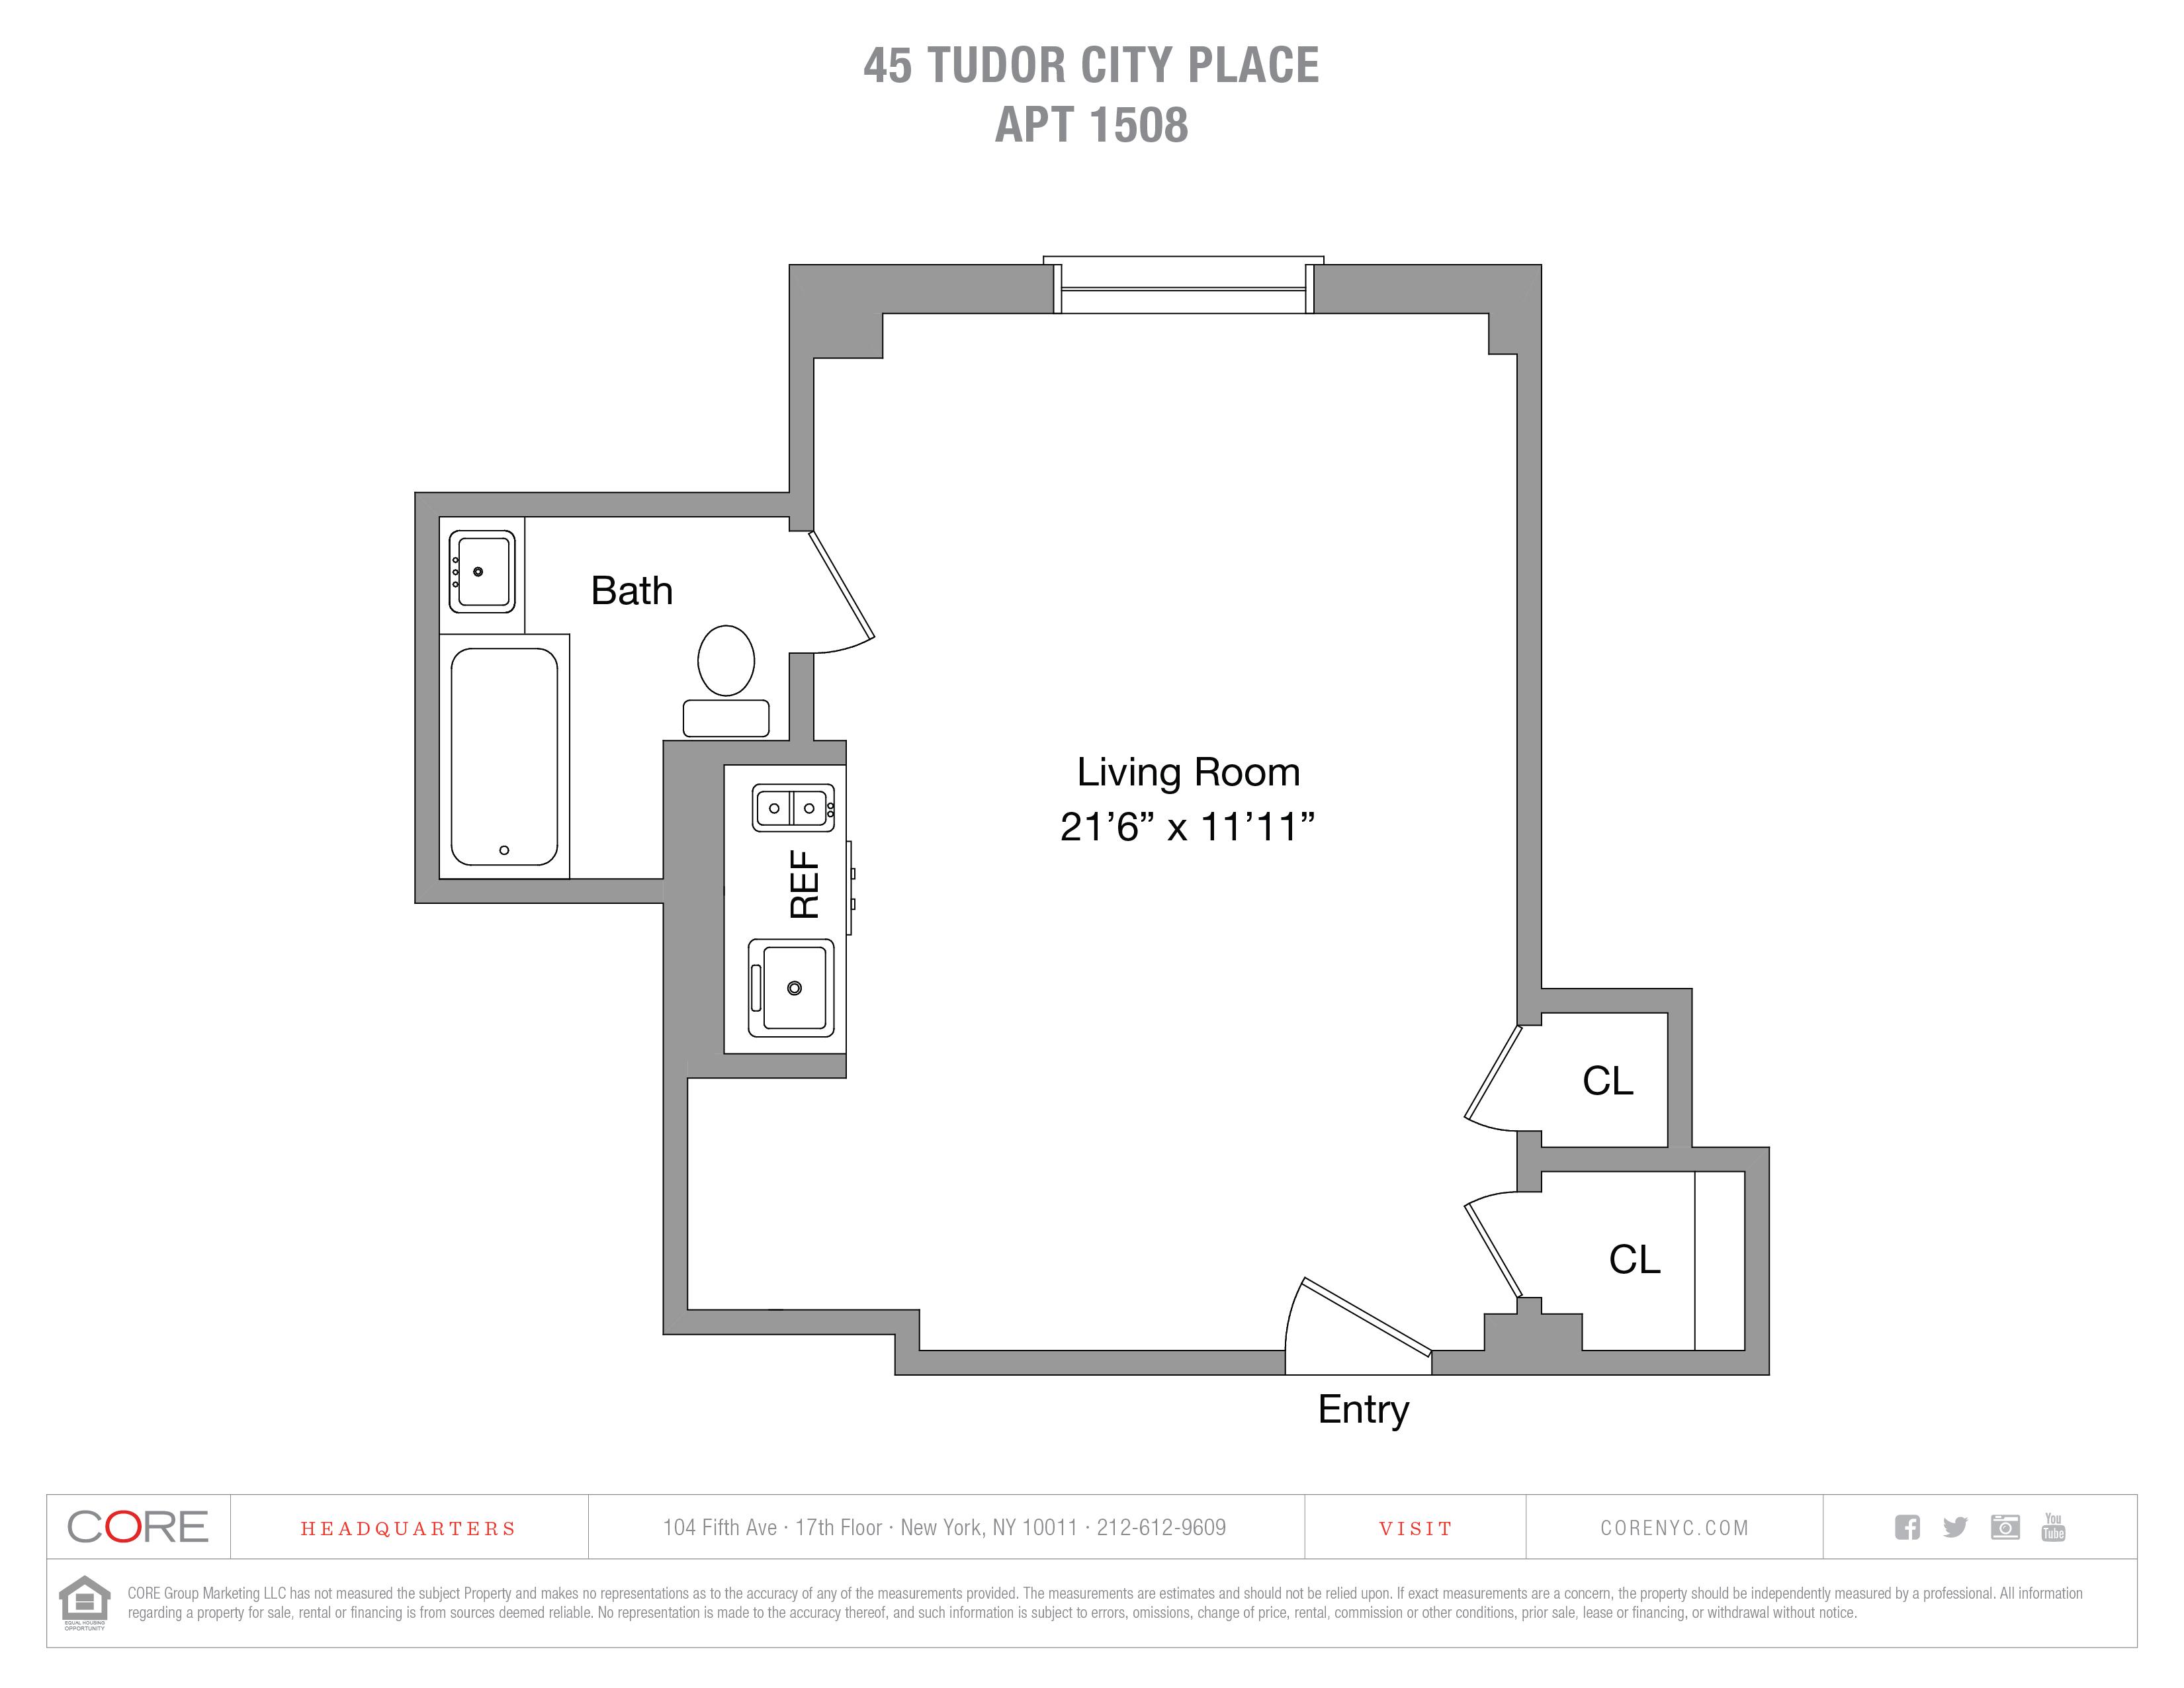 45 Tudor City Place 1508, New York, NY 10017